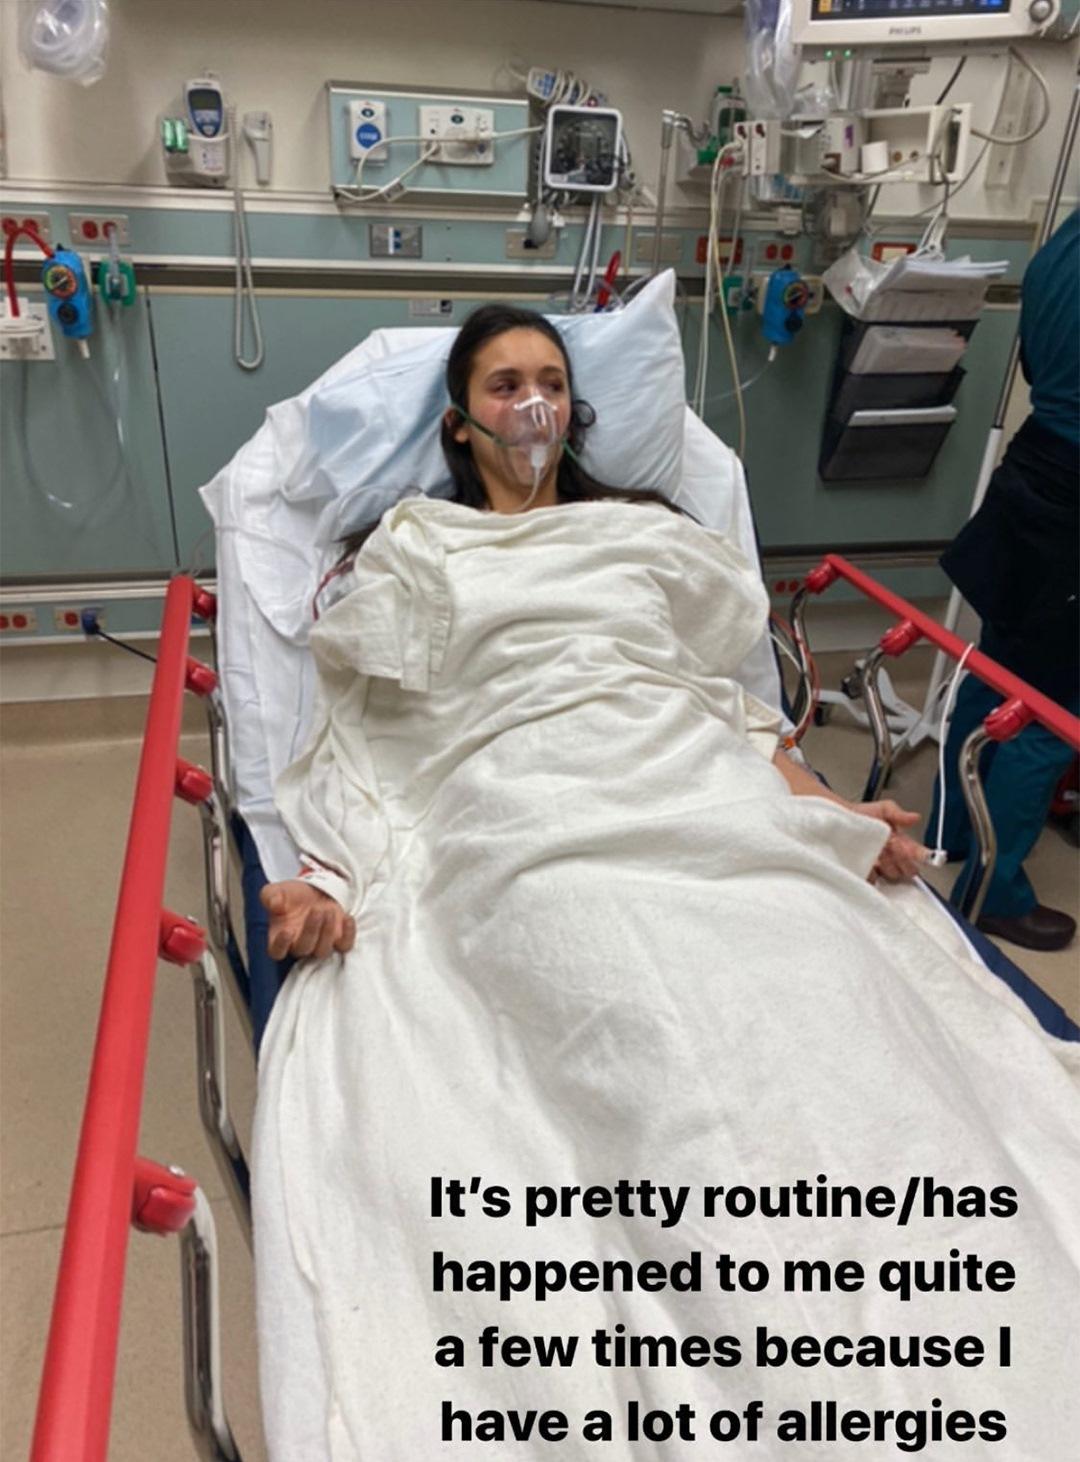 Viso gonfio e mascherina per l'ossigeno: l'attrice ricoverat